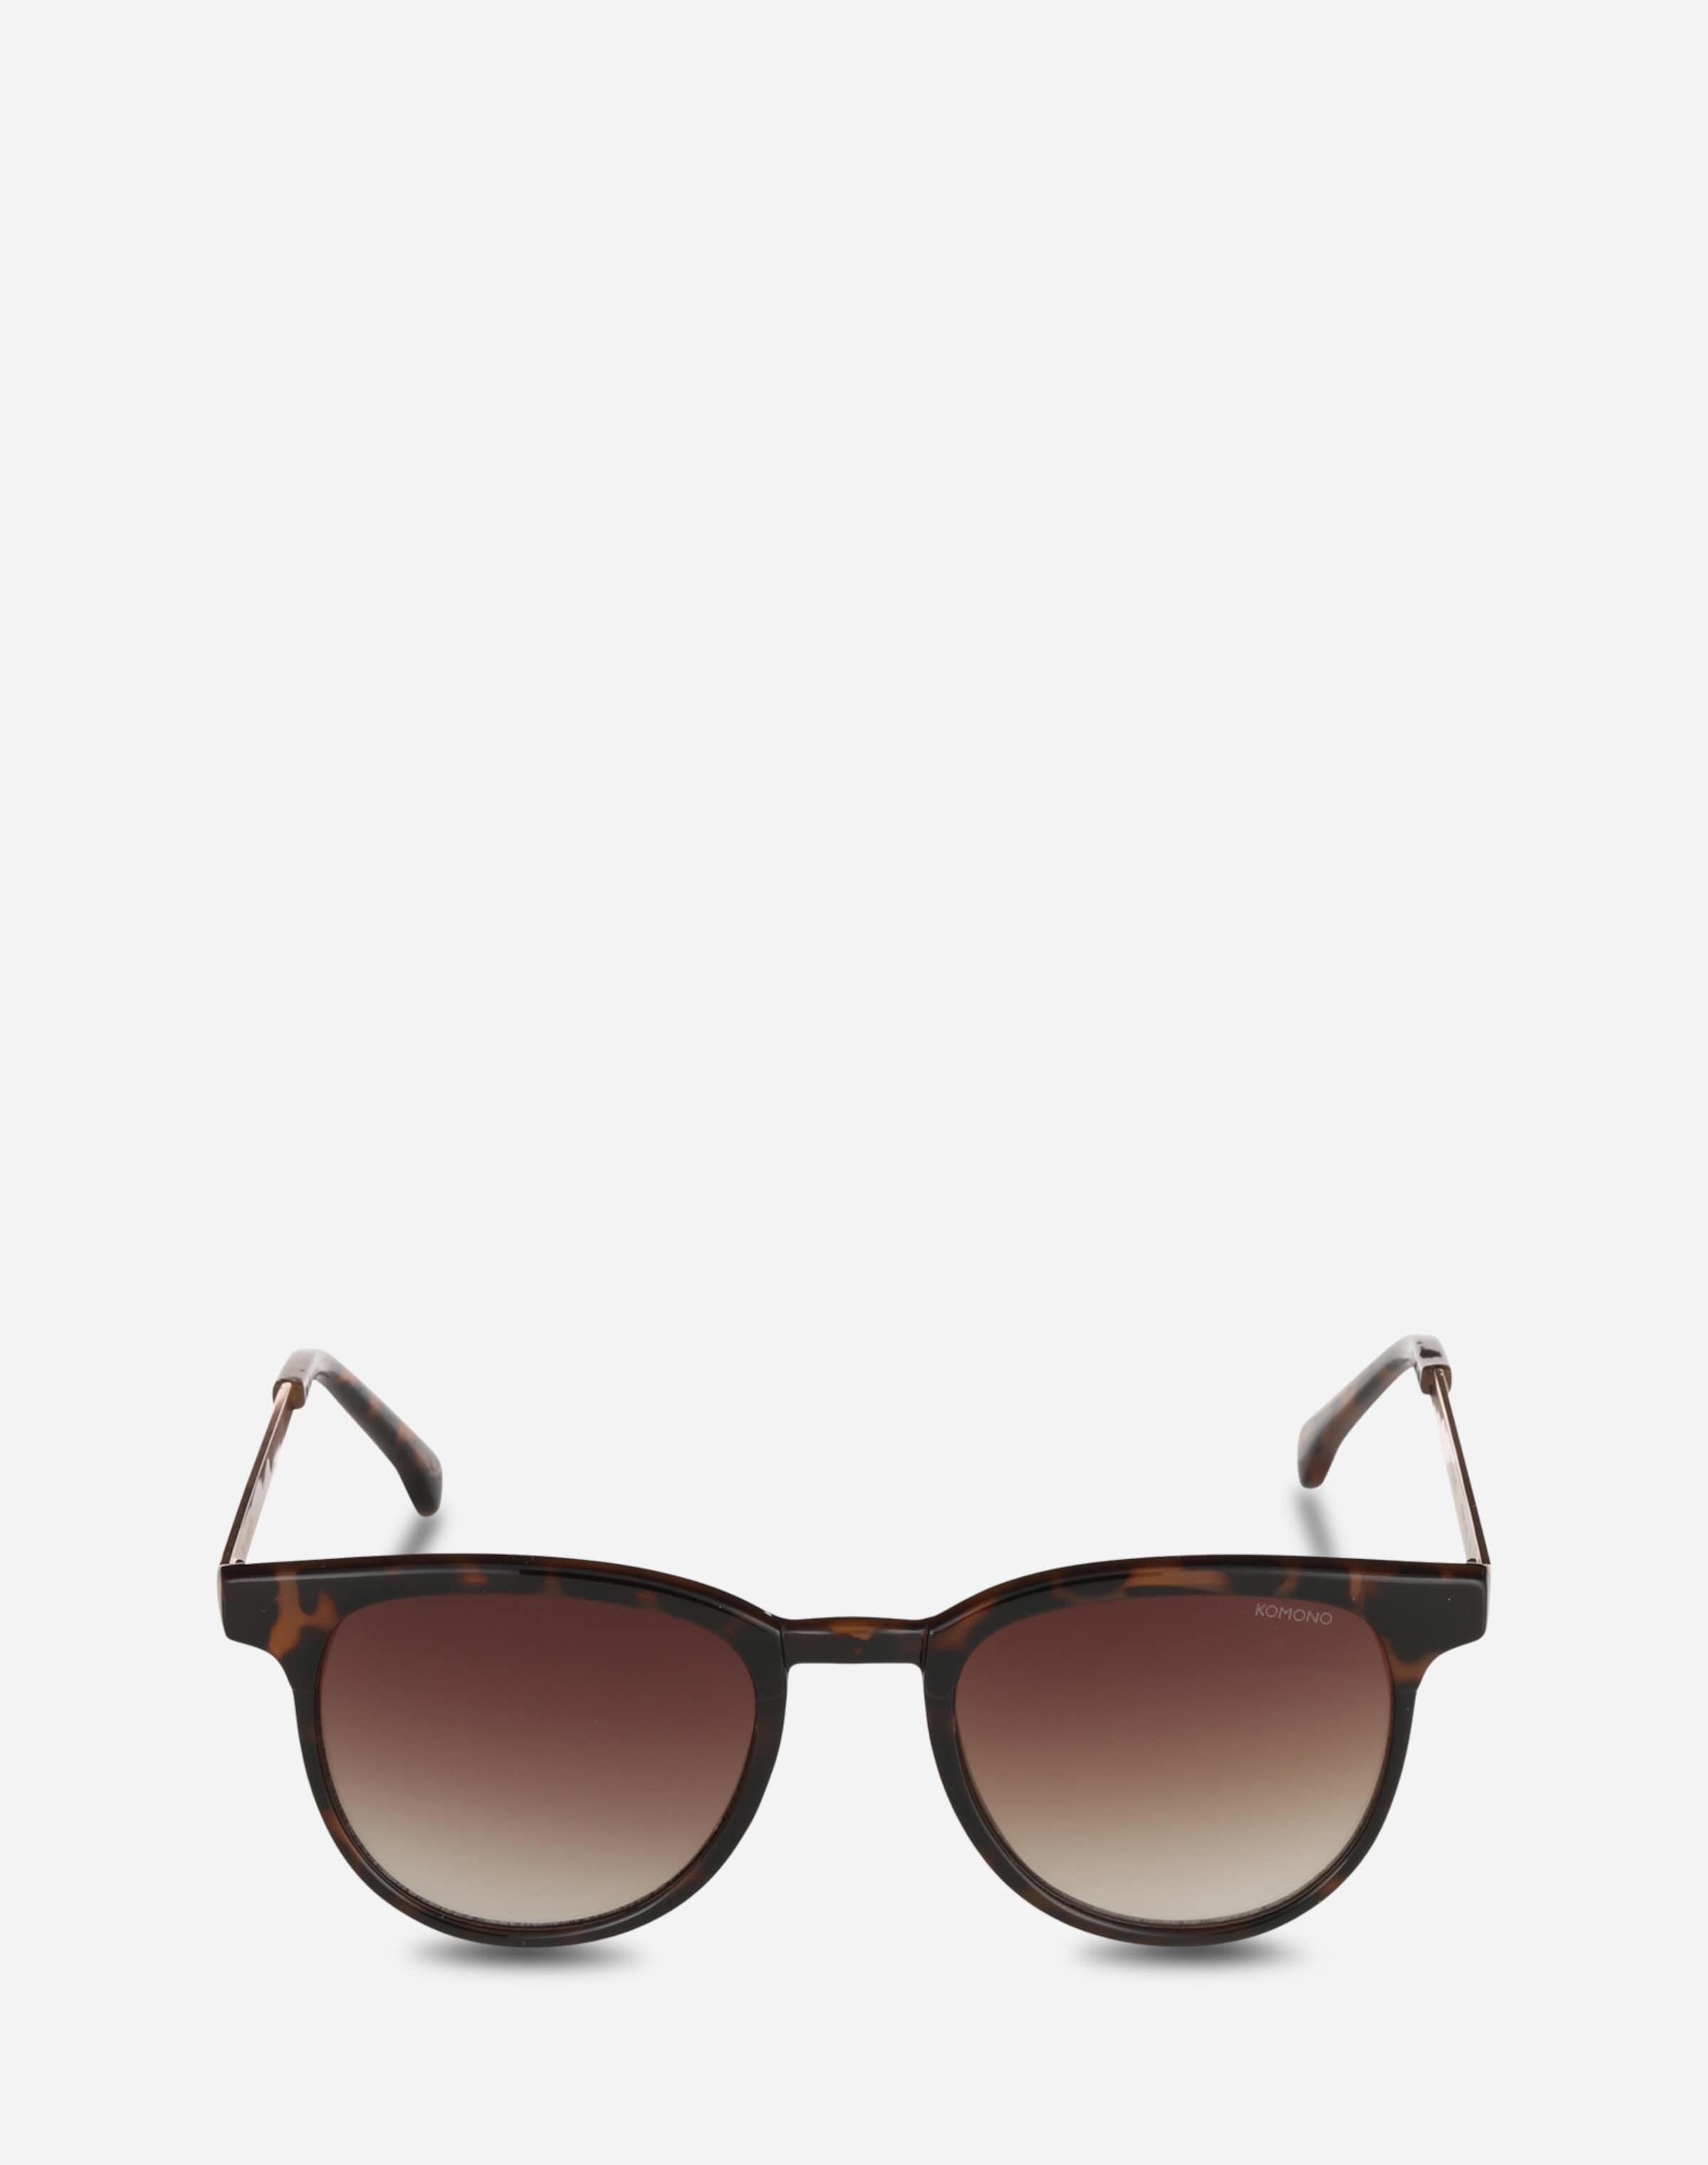 Frei Verschiffen Billig Zahlen Mit Paypal Komono Sonnenbrille 'Francis' Verkauf Neuesten Kollektionen 100% Original Billig Verkauf Sneakernews 7WWLMPV